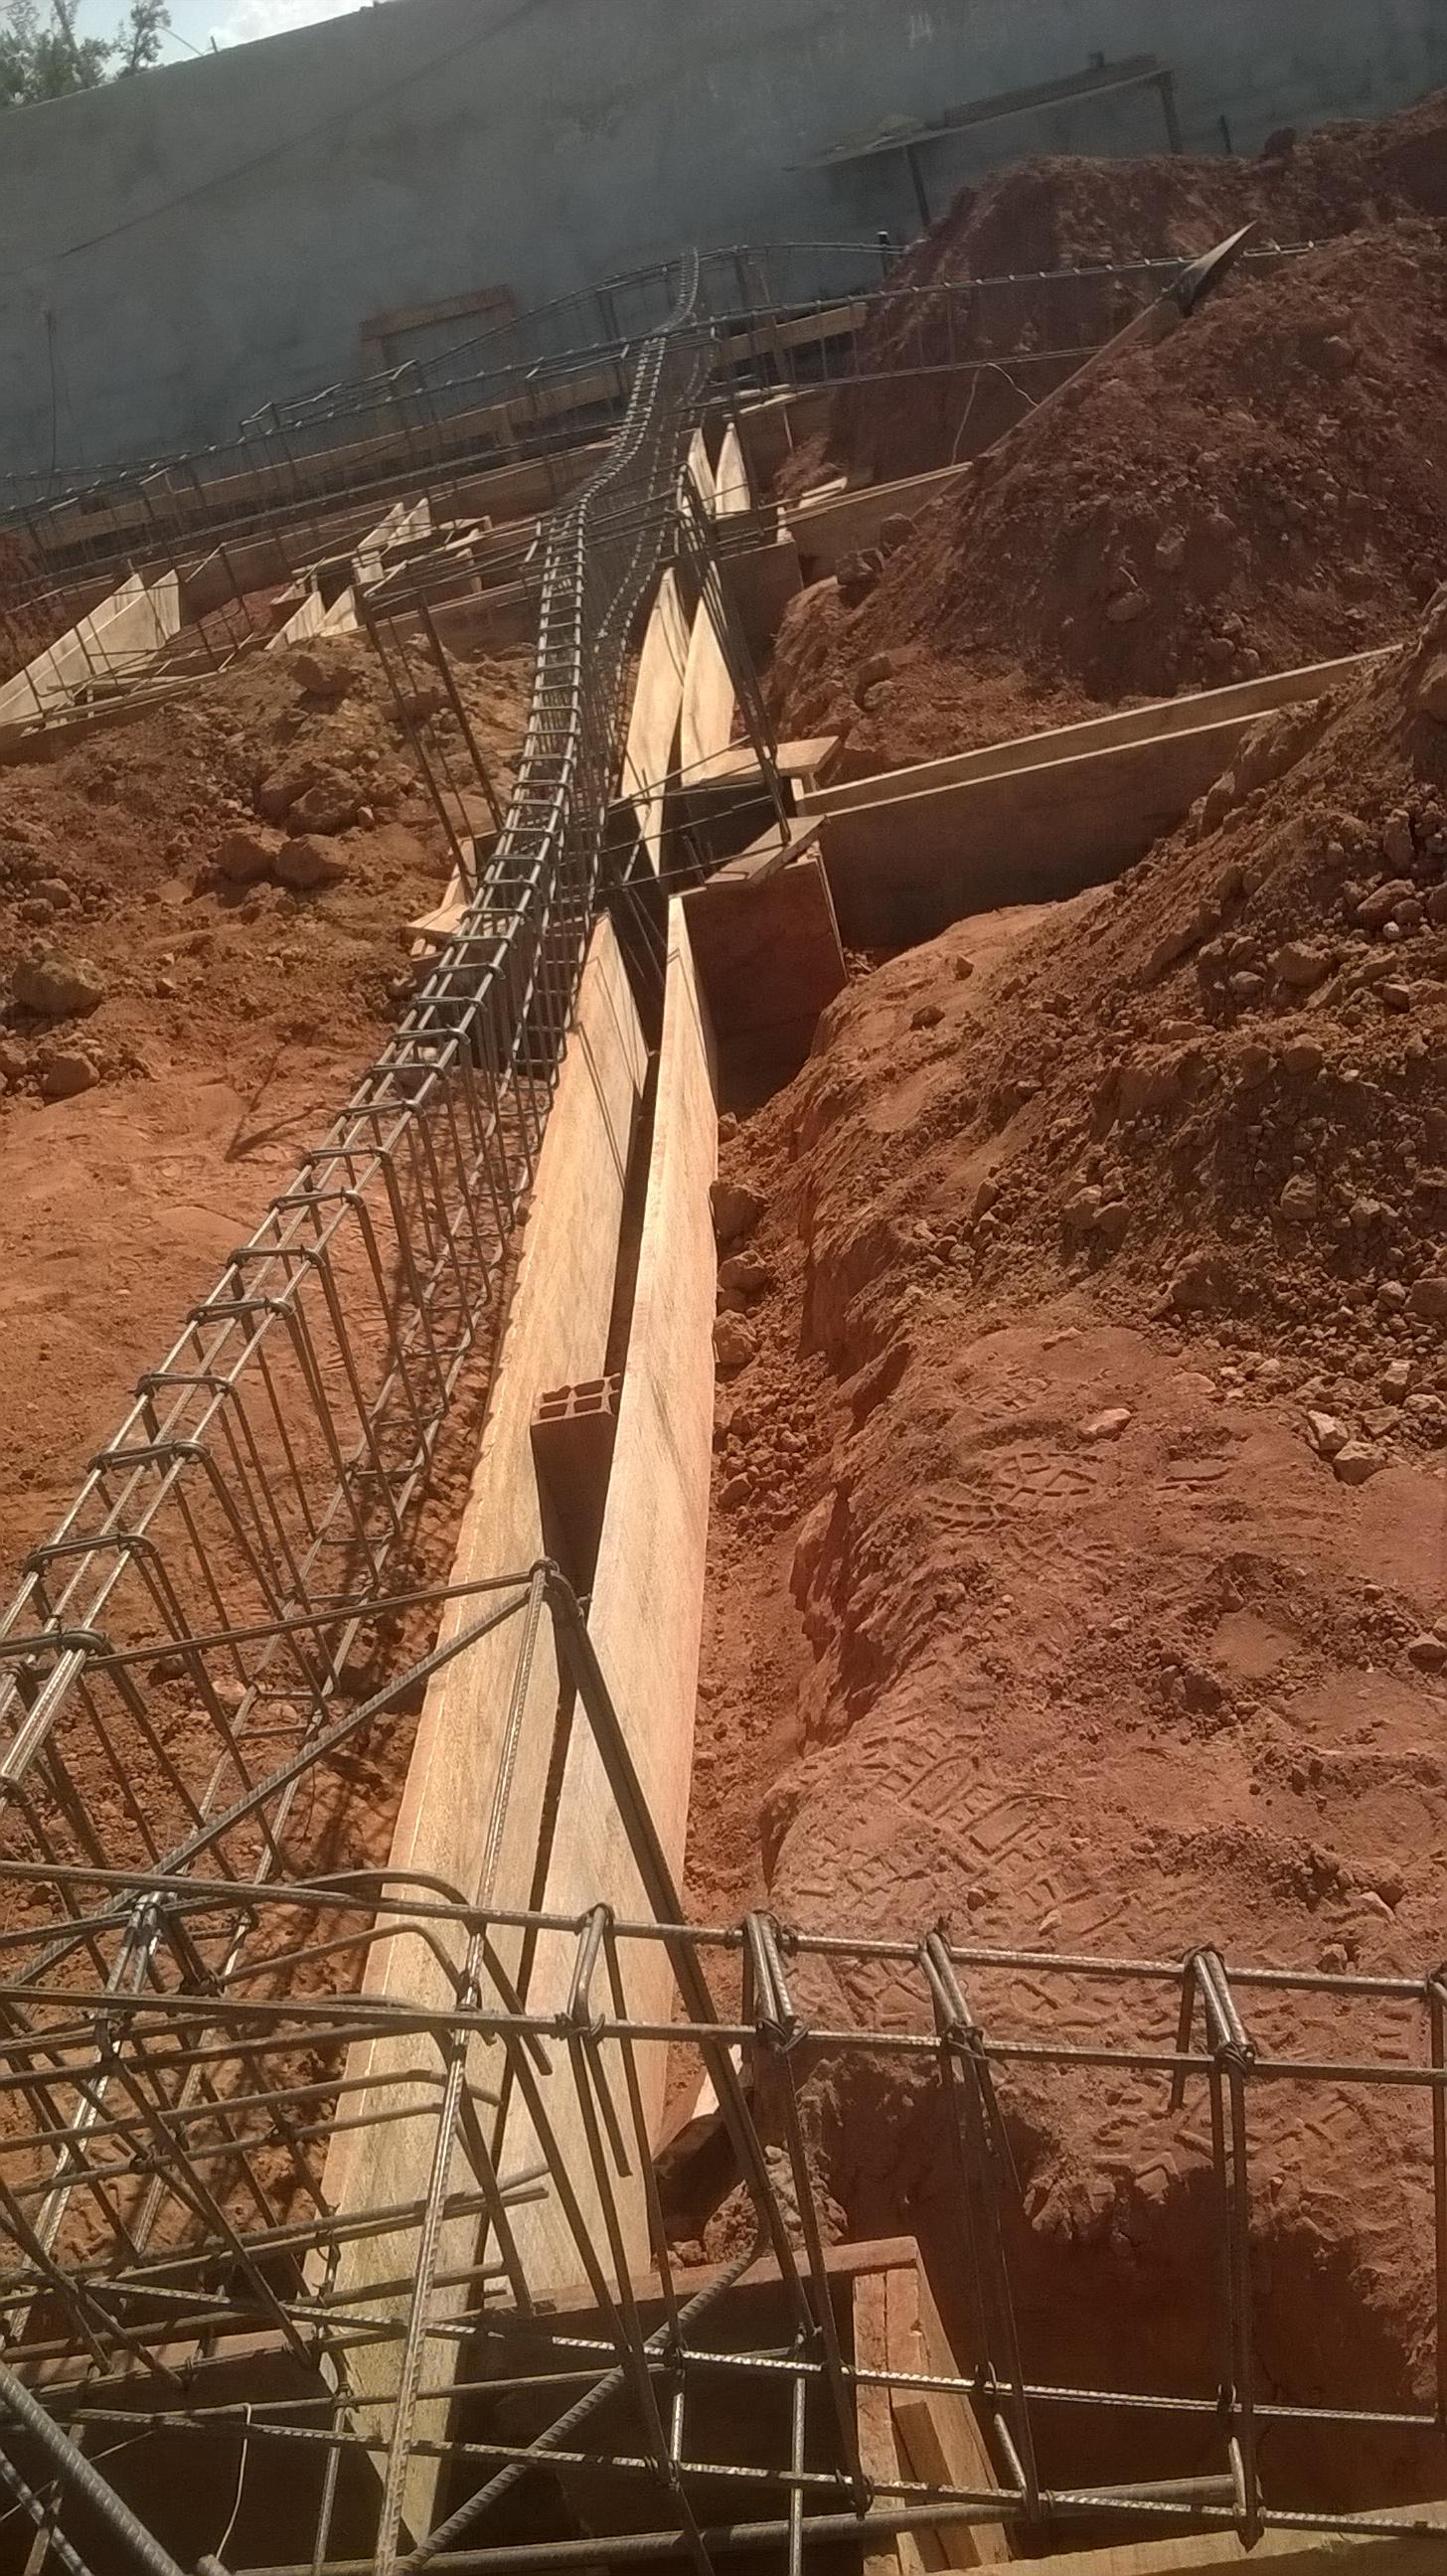 Empresa de Construção, Lago Sul, Brasilia - DF (4)